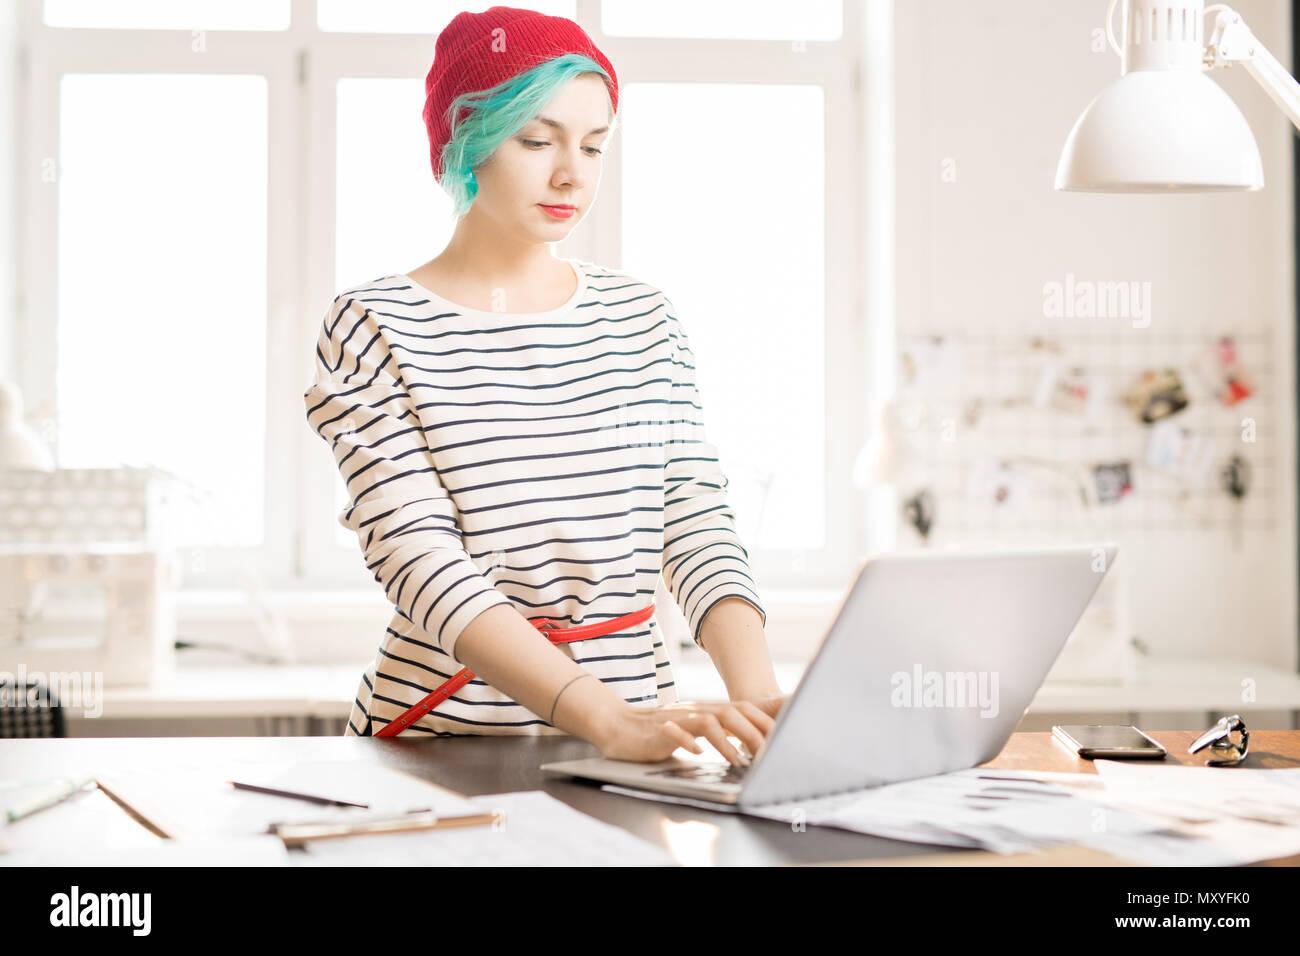 Cintura para arriba retrato de mujer joven contemporáneo con cabello verde utilización portátil mientras se trabaja en el proyecto de diseño de moda creativo en pequeñas atelier studio Imagen De Stock